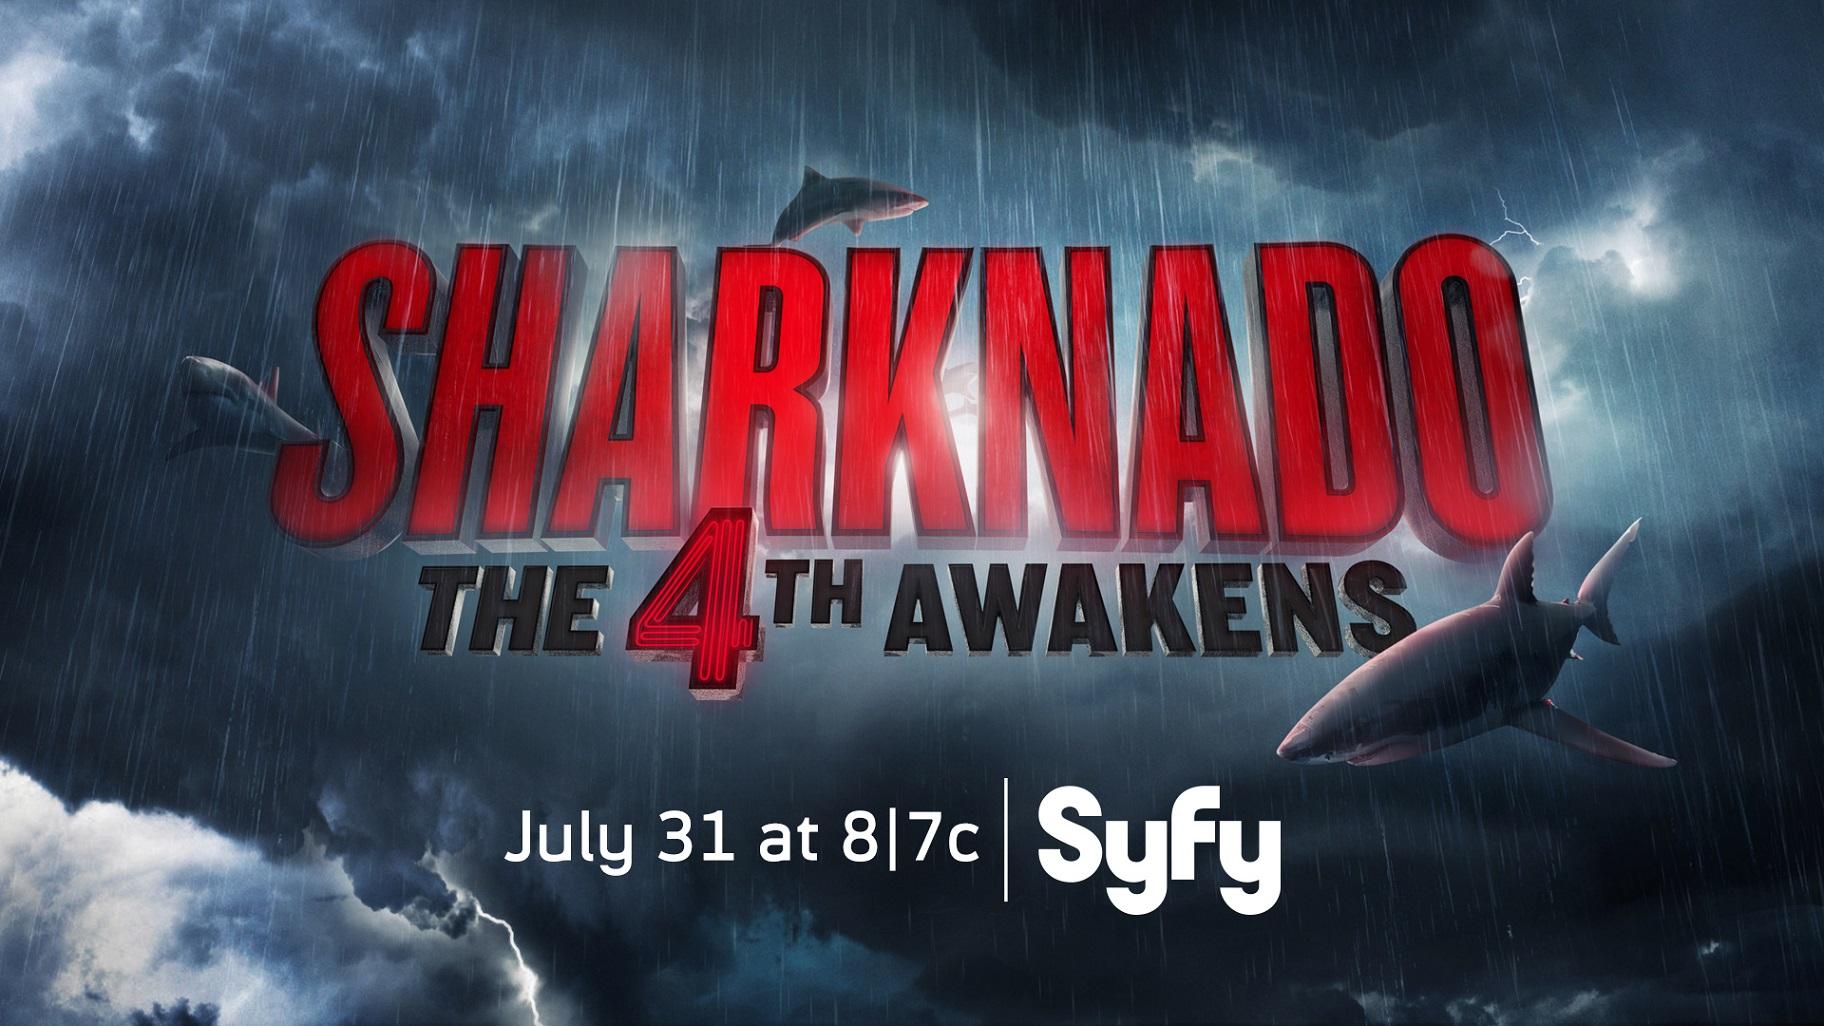 Sharknado, The 4th Awakens